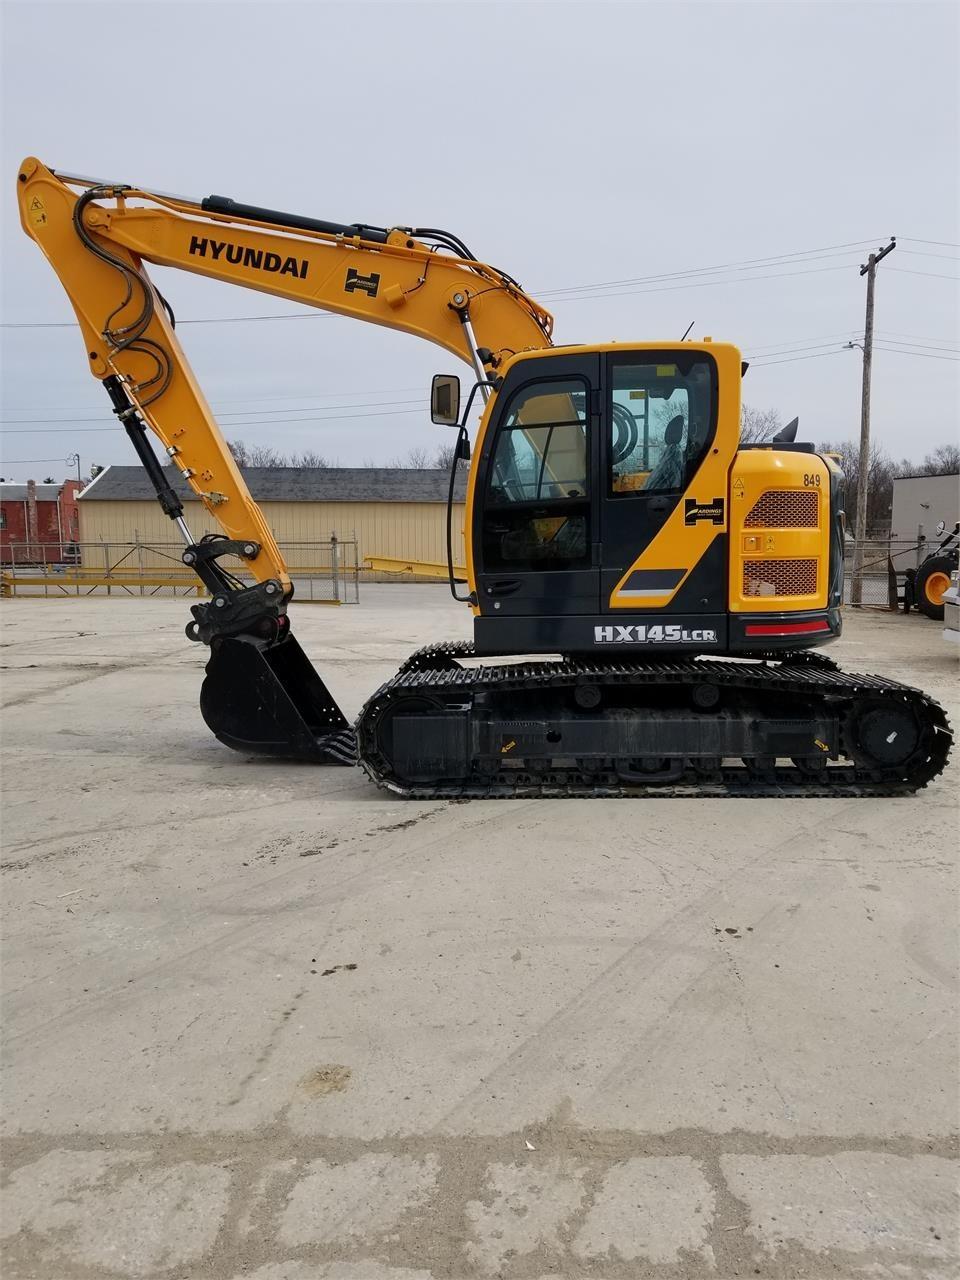 New, 2017, HYUNDAI, HX145 LCR, Excavators - Crawler